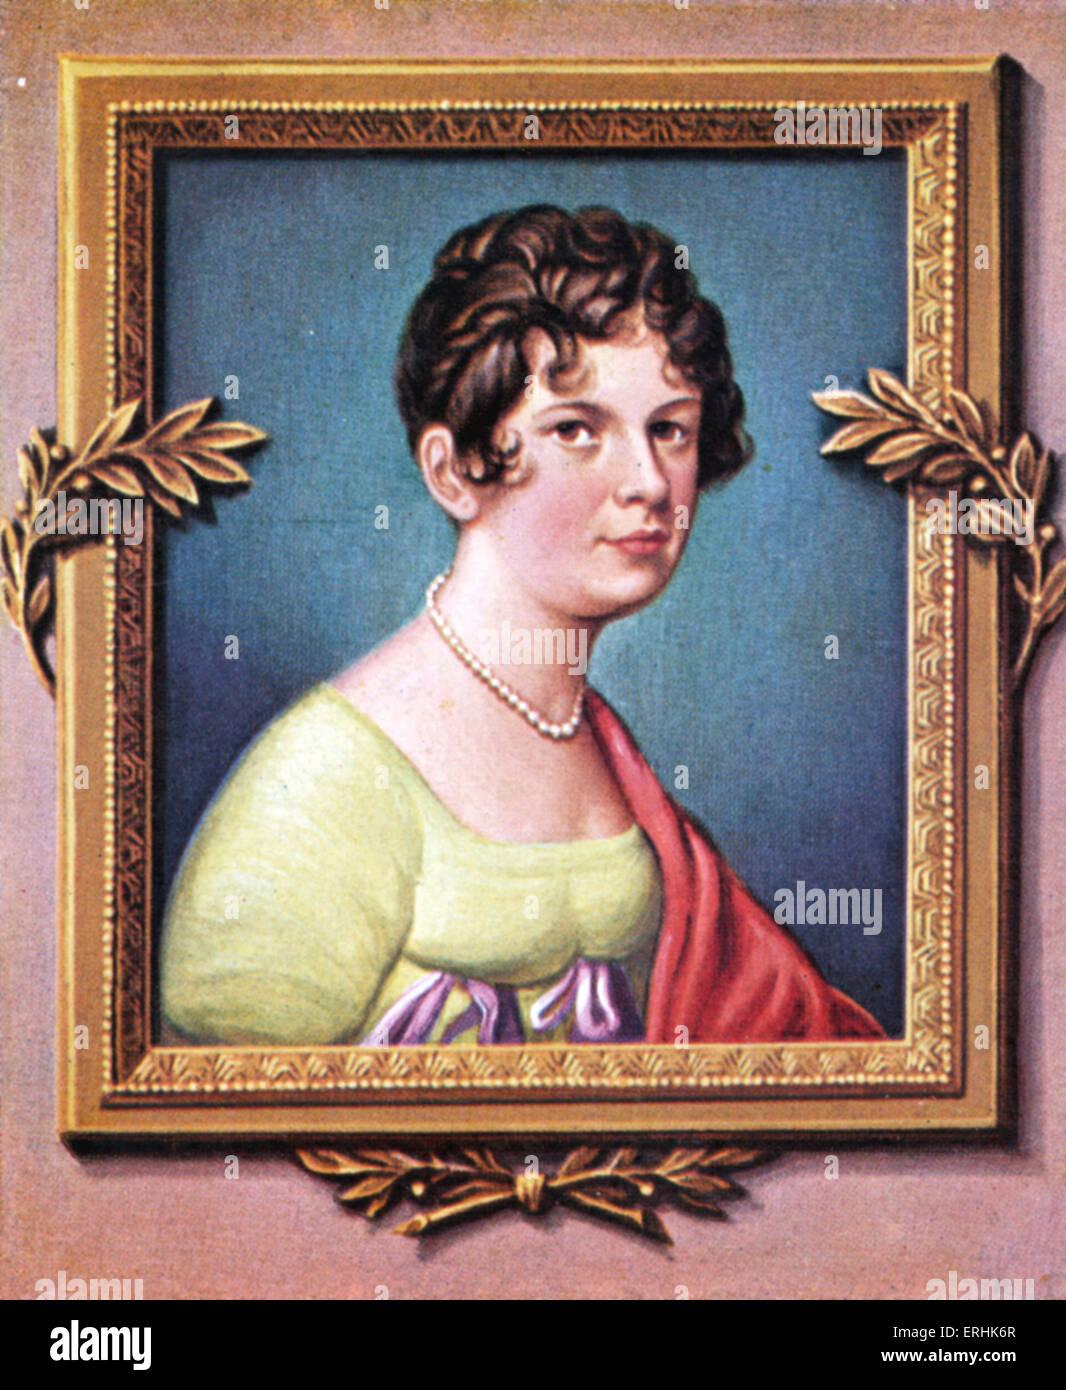 Madame de Lefebvre. Portrait of the Duchess of Danzig, wife of François Joseph Lefebvre, Marshal of France. She Stock Photo